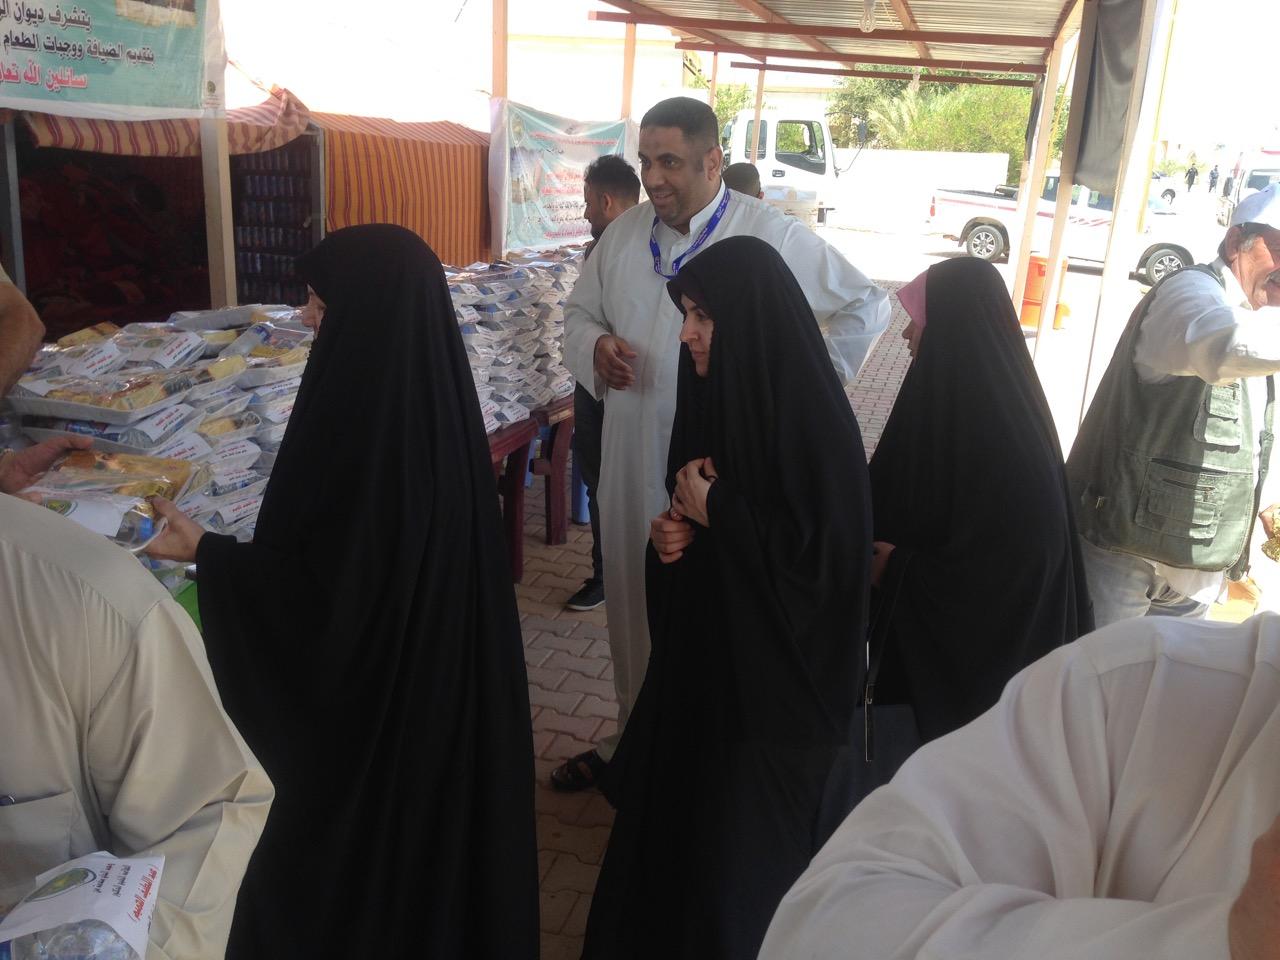 إدارة عرعر تعلن تفويج مئات الحجاج الى الديار المقدسة